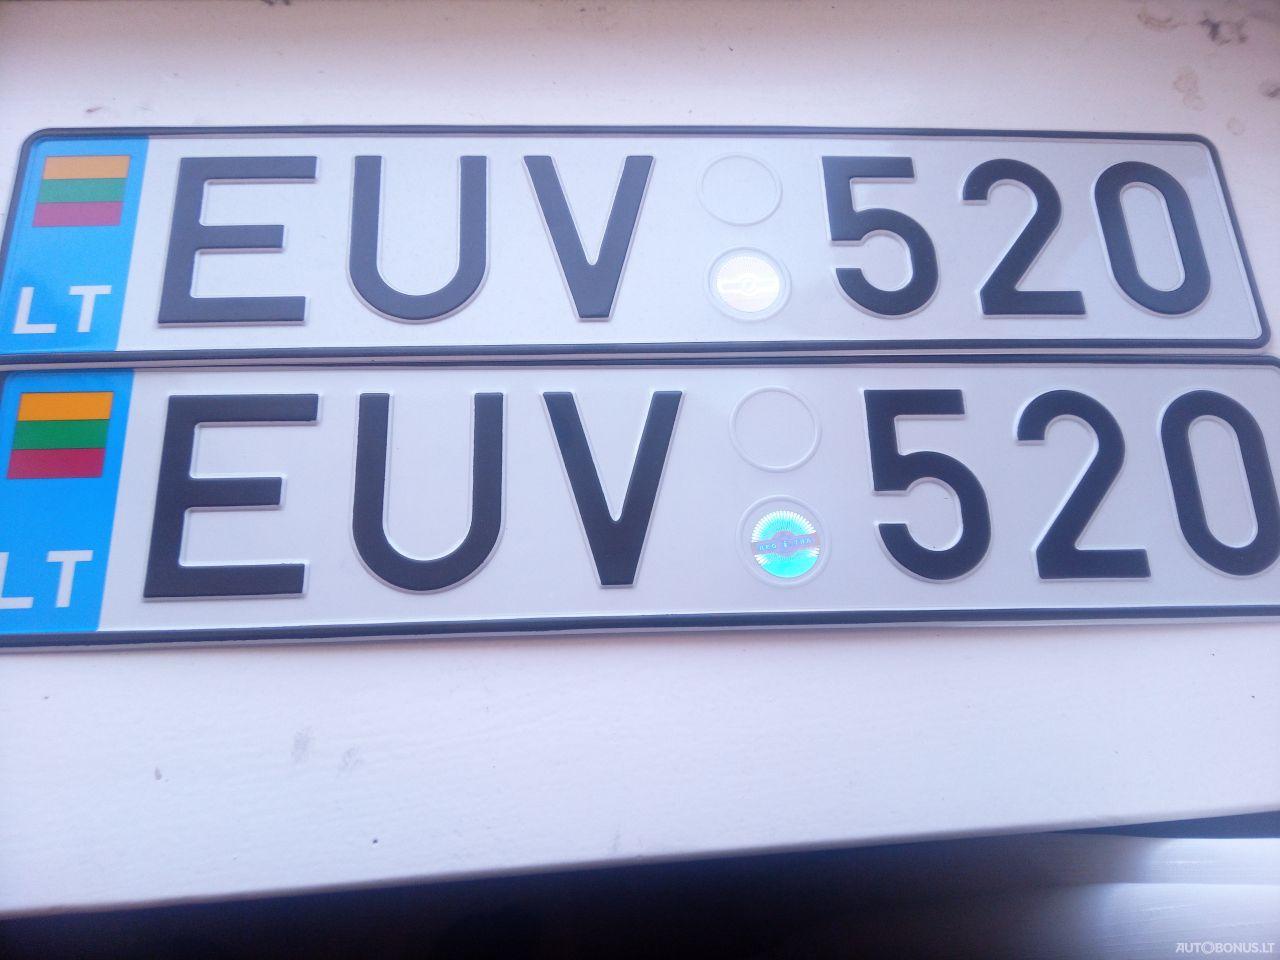 EUV520